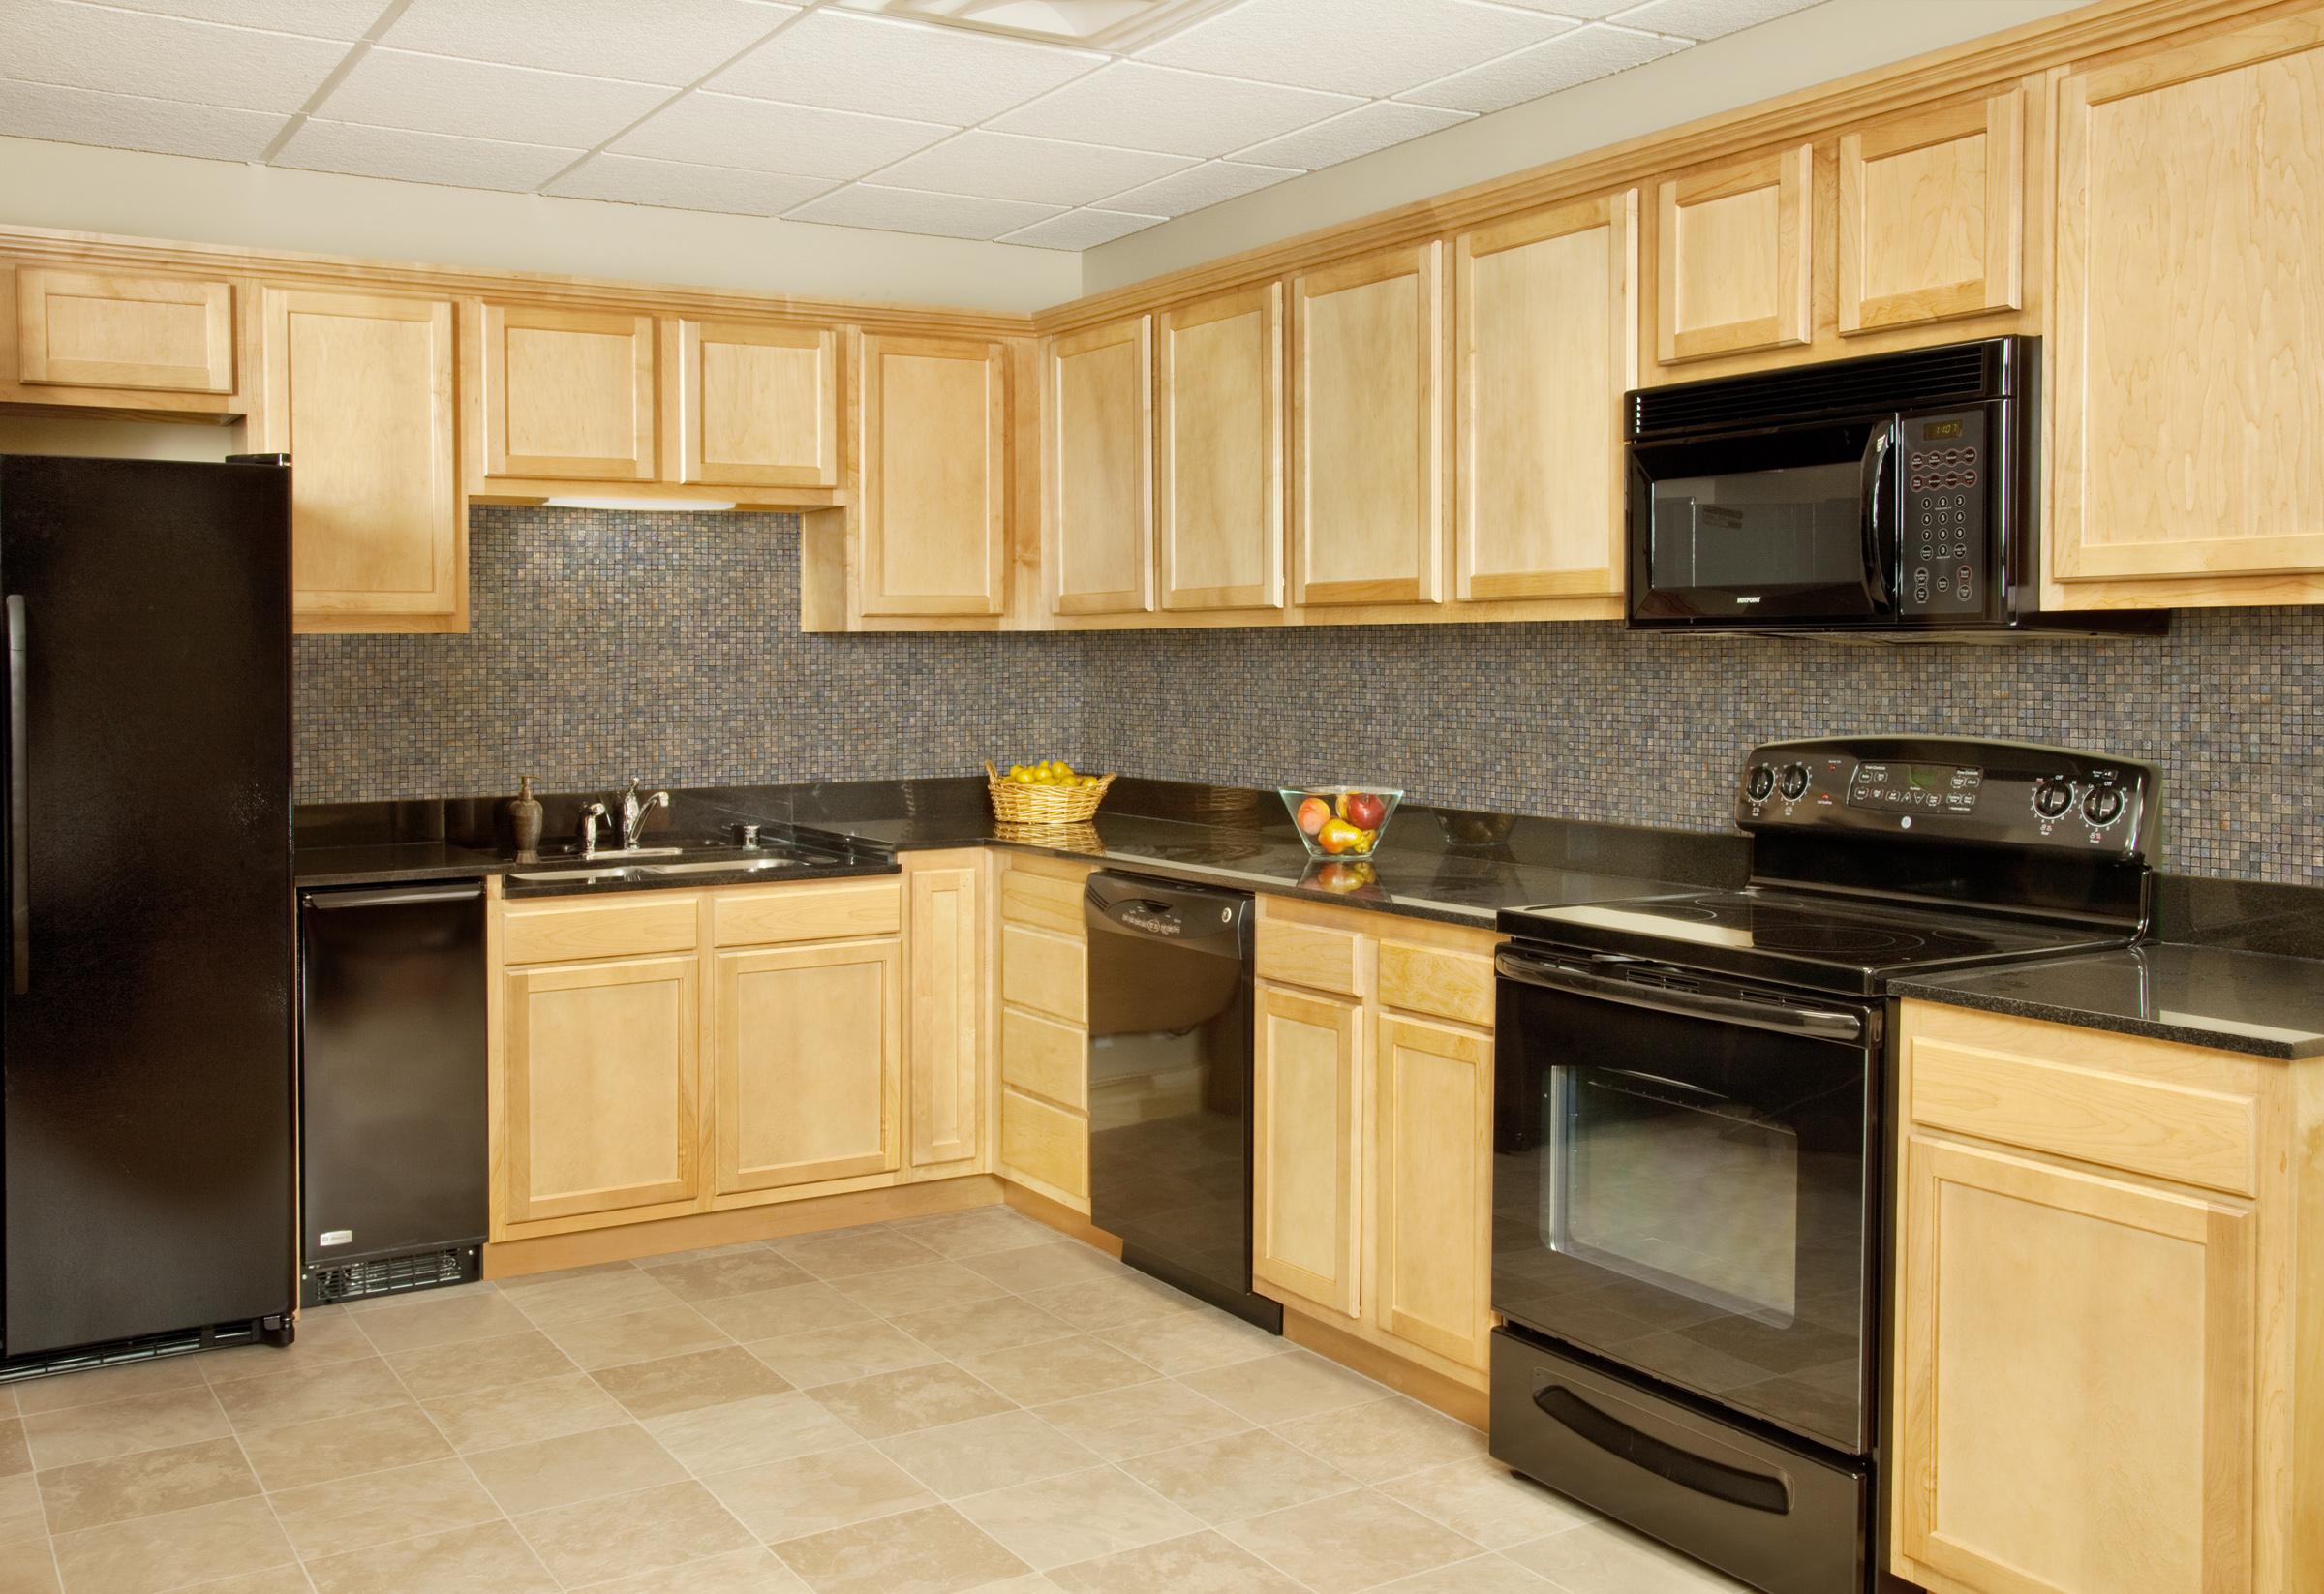 Mellowood Image Library Kitchen Kompact Kitchen Kompact